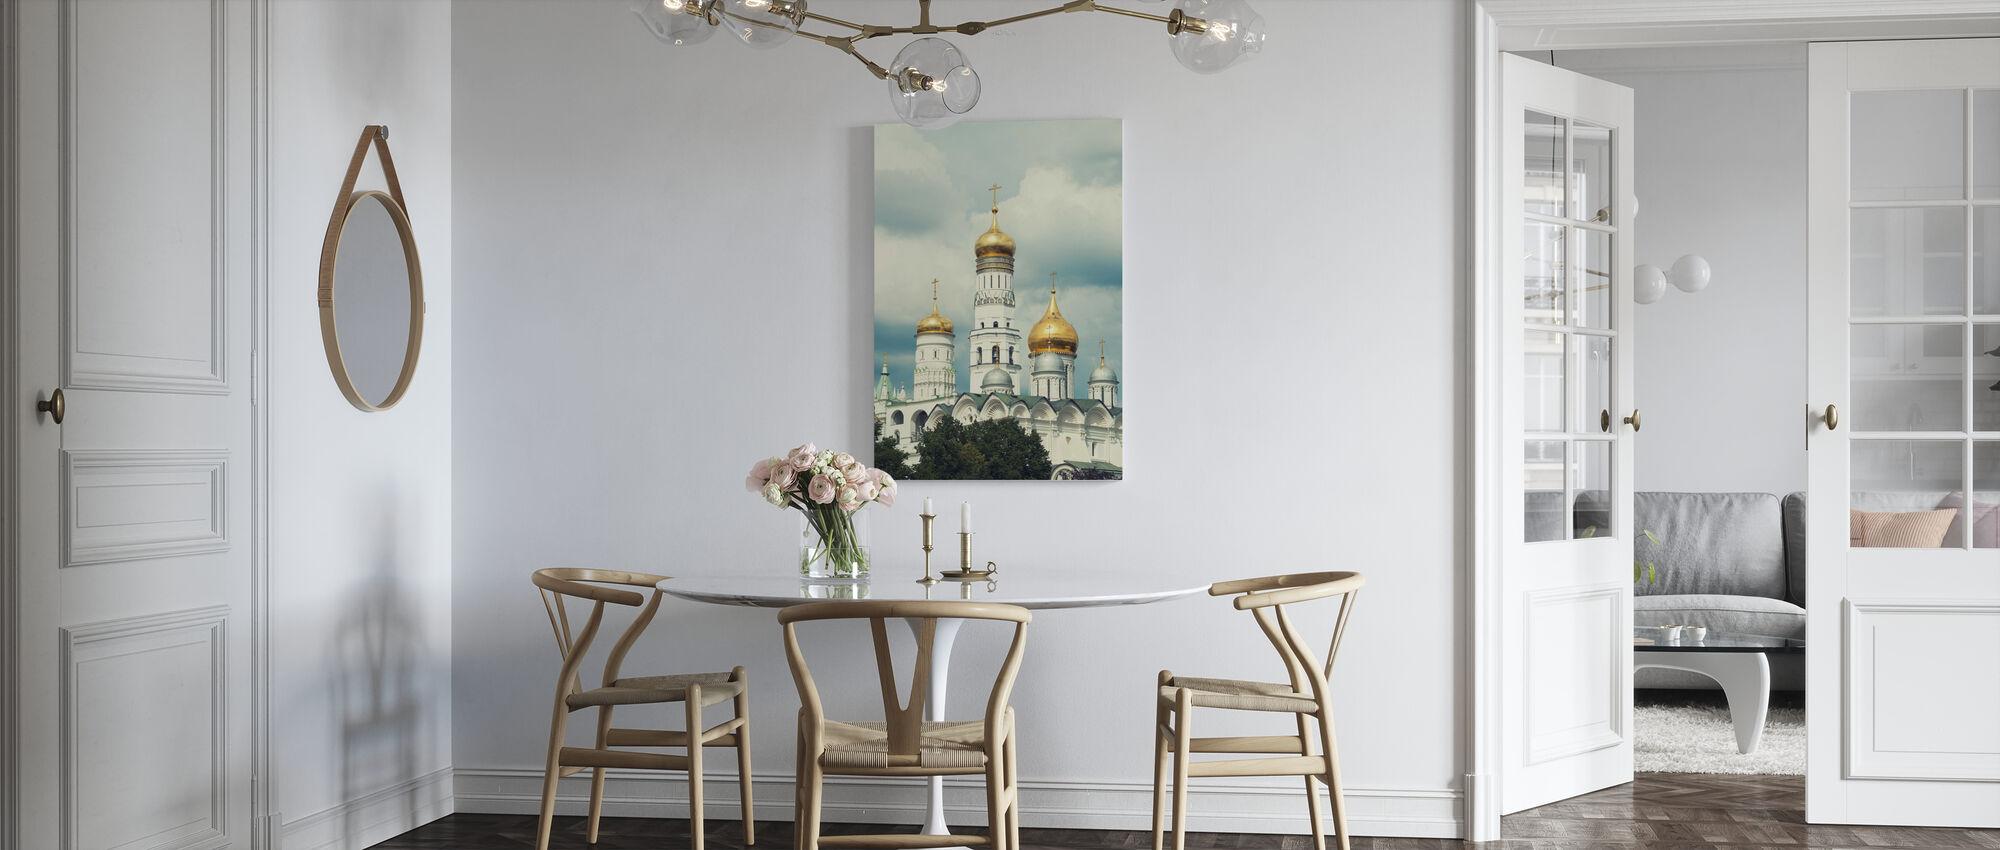 Iivana suuri kellotorni Moskovassa - Canvastaulu - Keittiö